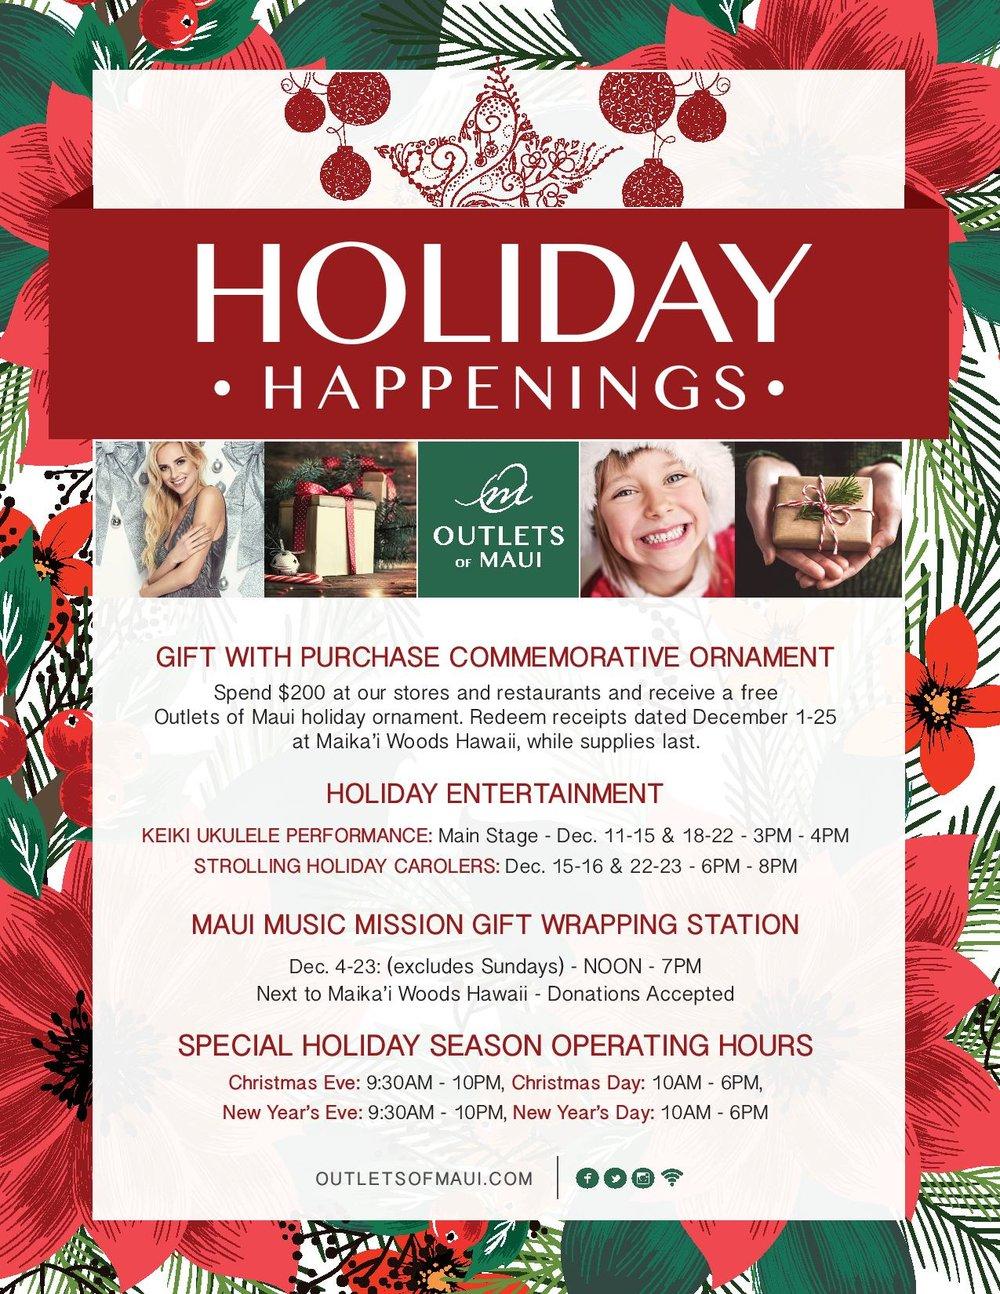 OOM_HolidayHappenings17_8.5x11_NOMarks-page-001.jpg